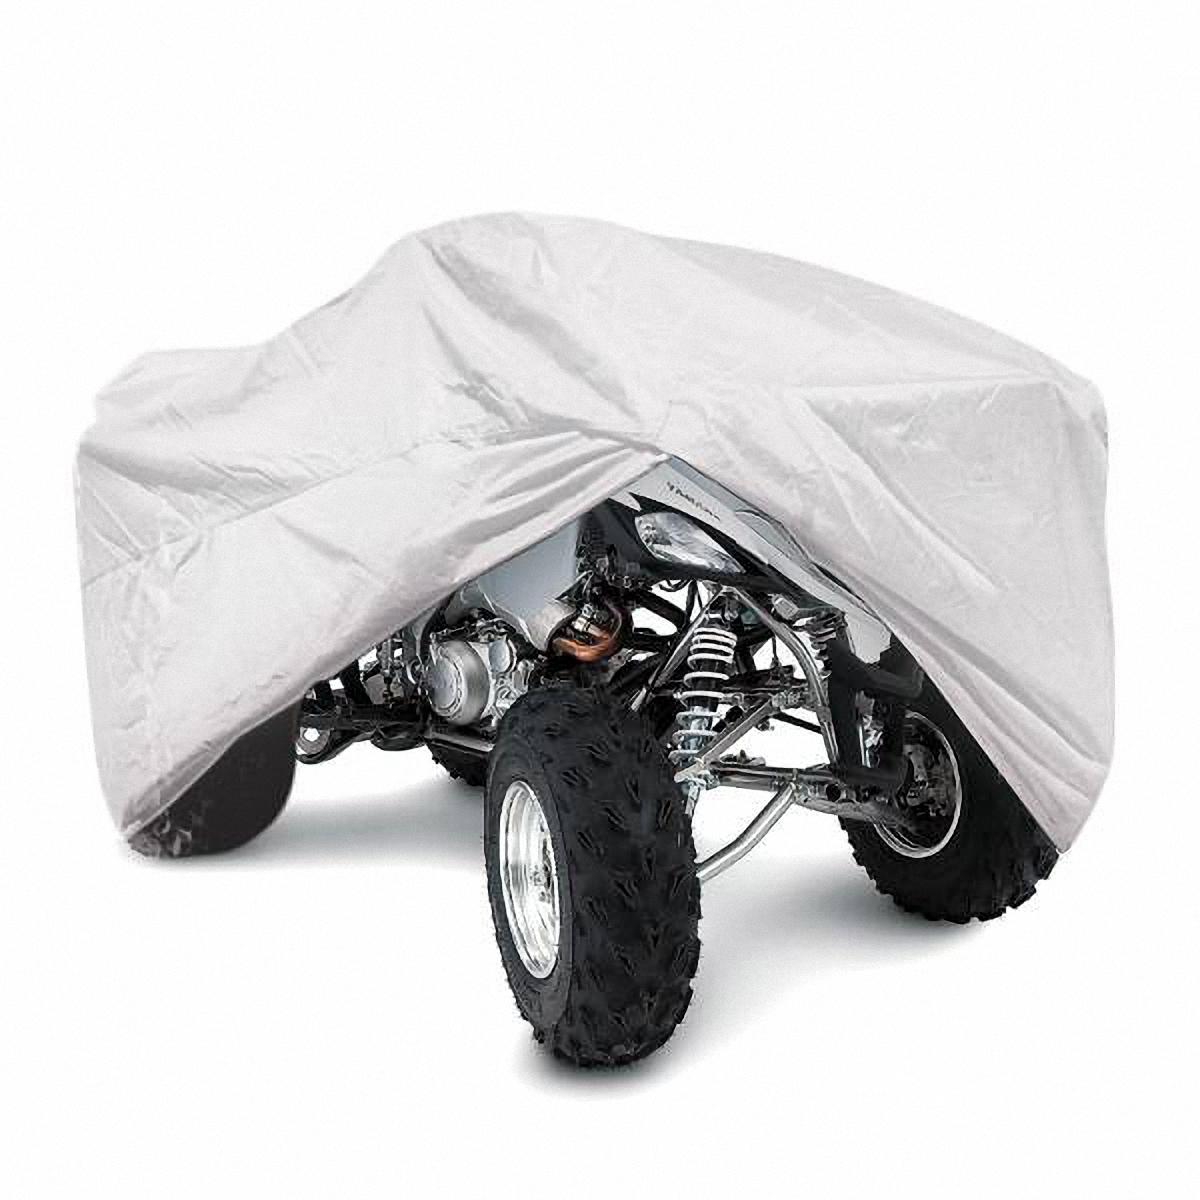 Тент на квадроцикл Skyway, 208 х 120 х 85 см. Размер MS04403001Тент на квадроцикл позволит защитить кузов Вашего транспортного средства от коррозии и загрязнений во время хранения или транспортировки, а Вас избавит от необходимости его частого мытья.Чехол-тент предохраняет лакокрасочное покрытие кузова, детали и фары Вашего квадроцикла от воздействия прямых солнечных лучей и неблагоприятных погодных условий, загрязнений. Легко и быстро надевается на квадроцикл, не царапая и не повреждая его. Основные характеристики чехла-тента SKYWAY: Изготовлен из высококачественного полиэстера. В передней и задней части тента вшиты резинки, стягивающие его нижний край под передним и задним бамперами. Обладает высокой влаго- и износостойкостью. Обладает светоотражающими и пылезащитными свойствами. Выдерживает как низкие, так и высокие температуры. Воздухопроницаемый материал.Состав: полиэстер.